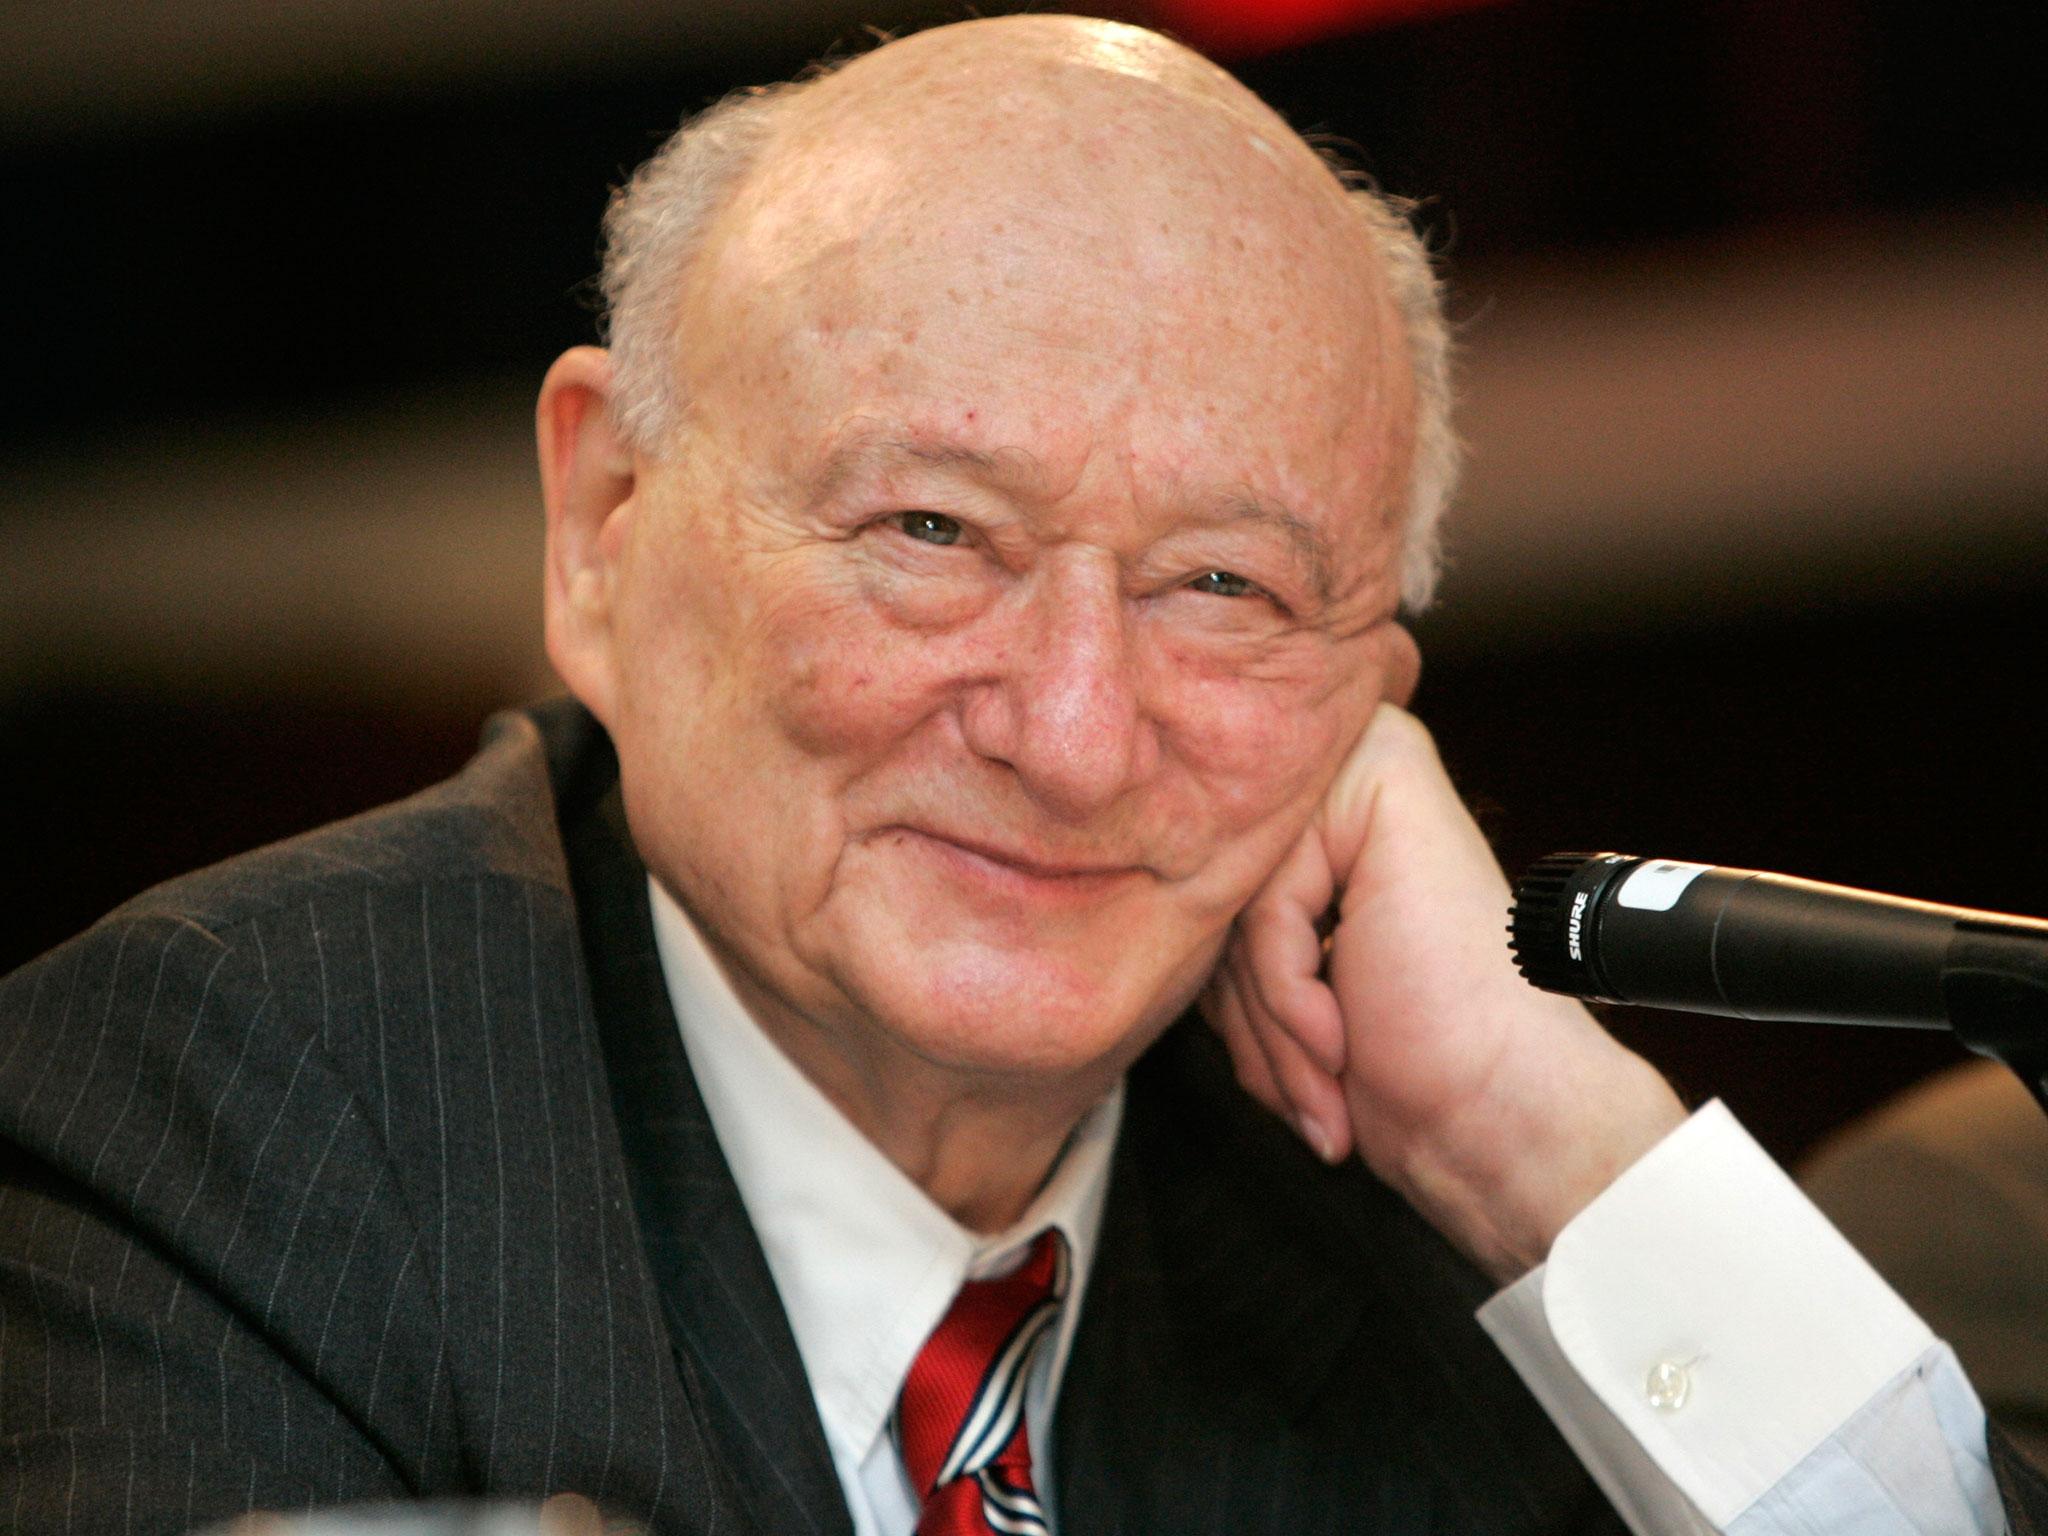 Morto Ed Koch, il sindaco che restituì l'orgoglio ai newyorkesi